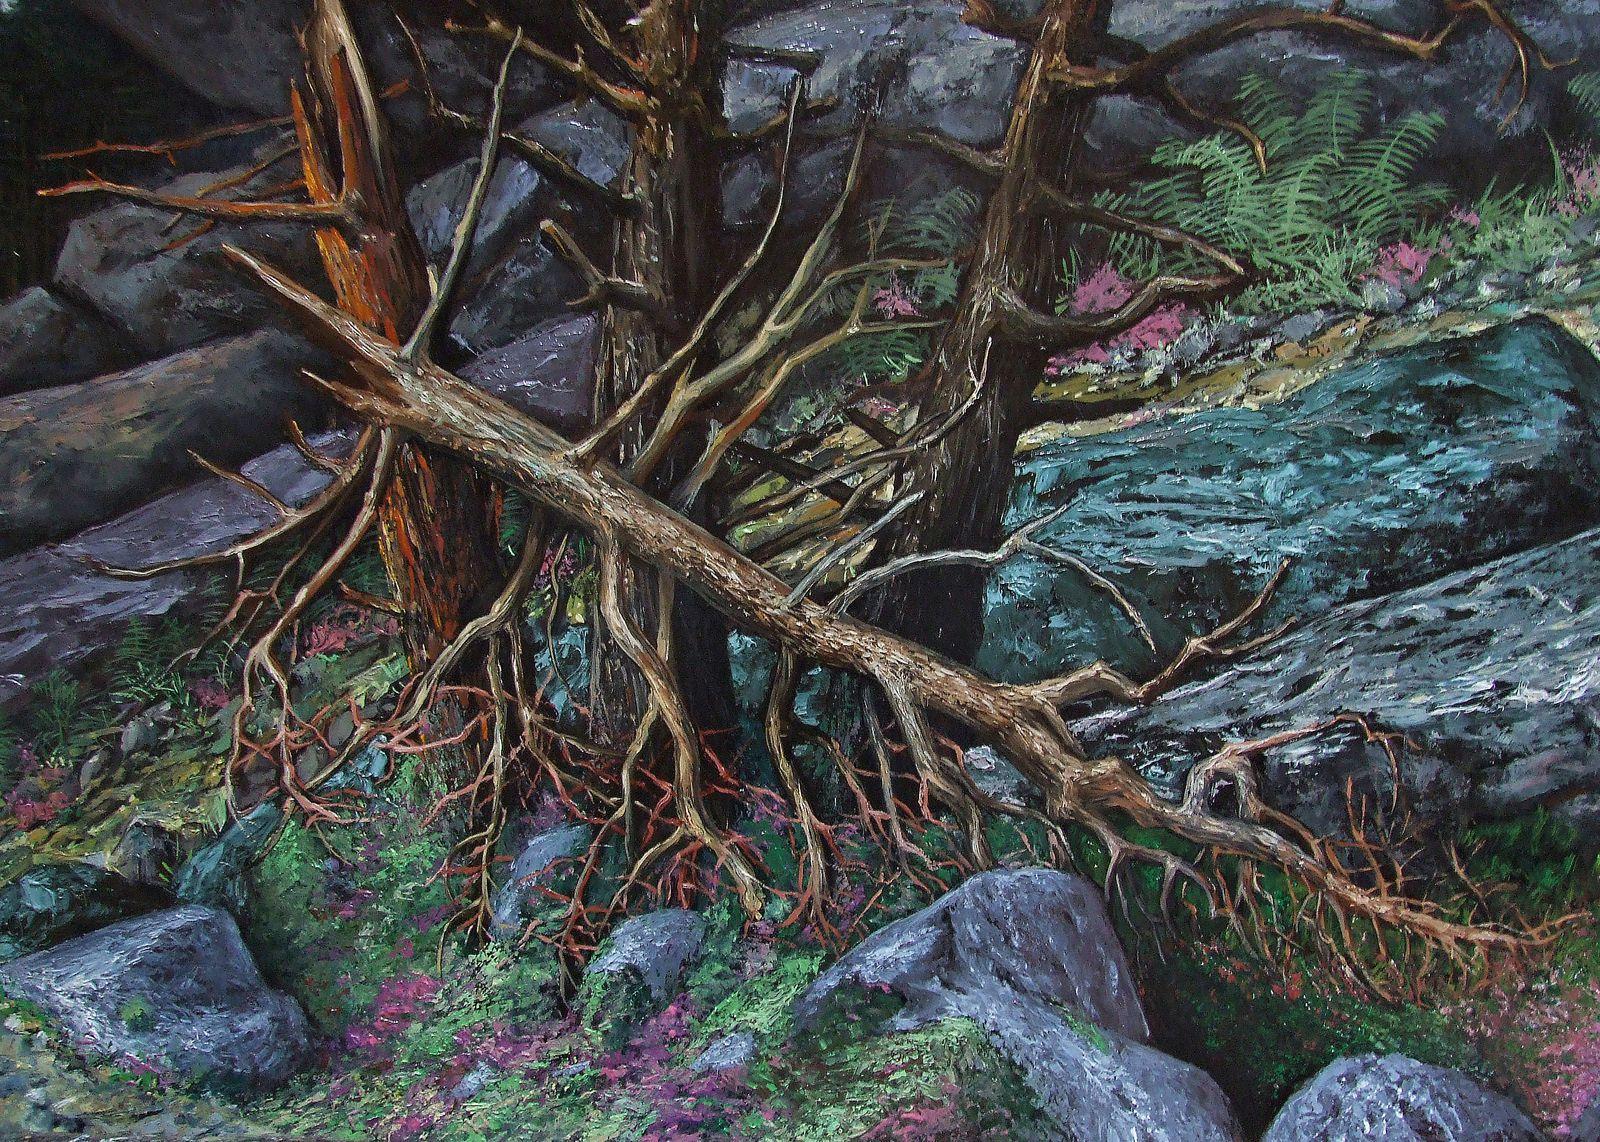 La forêt de Fontainebleau Détail du sapin cassé Huile sur toile 230x113 cm Bhavsar